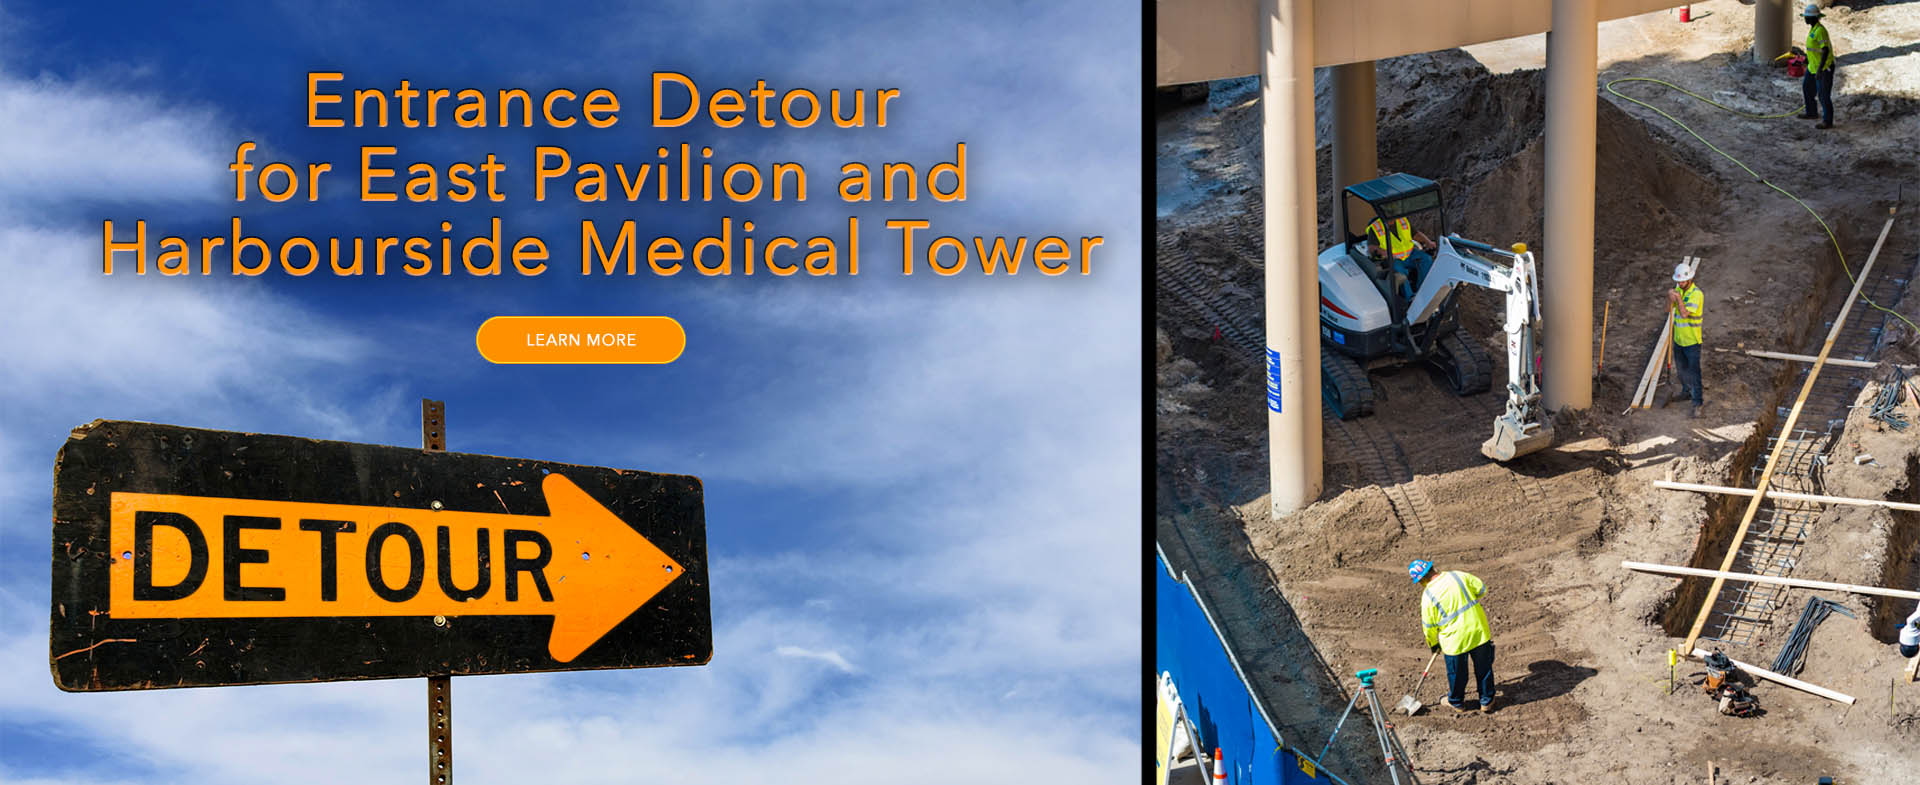 Detour for East Pavilion and Harbourside Medical Tower Entrances